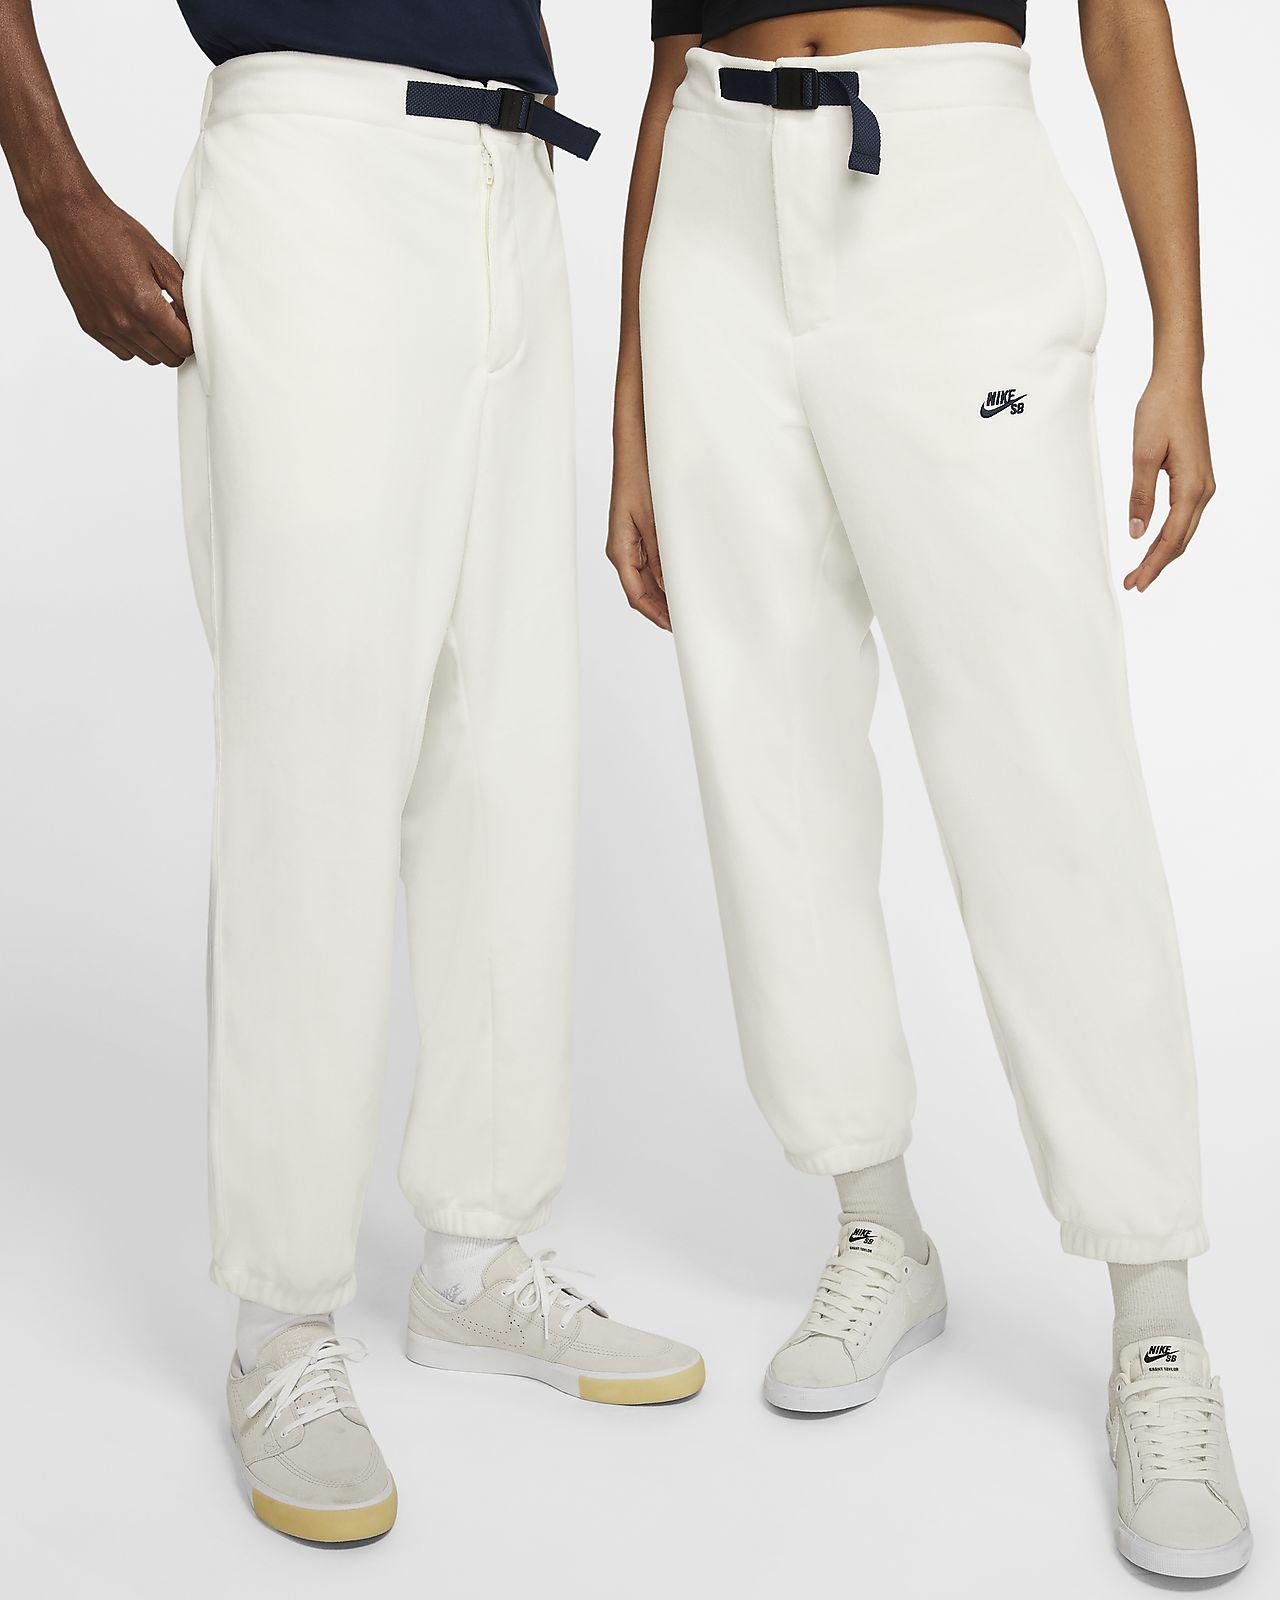 Nike Calças Chino de Homem Online Comprar | FASHIOLA.pt